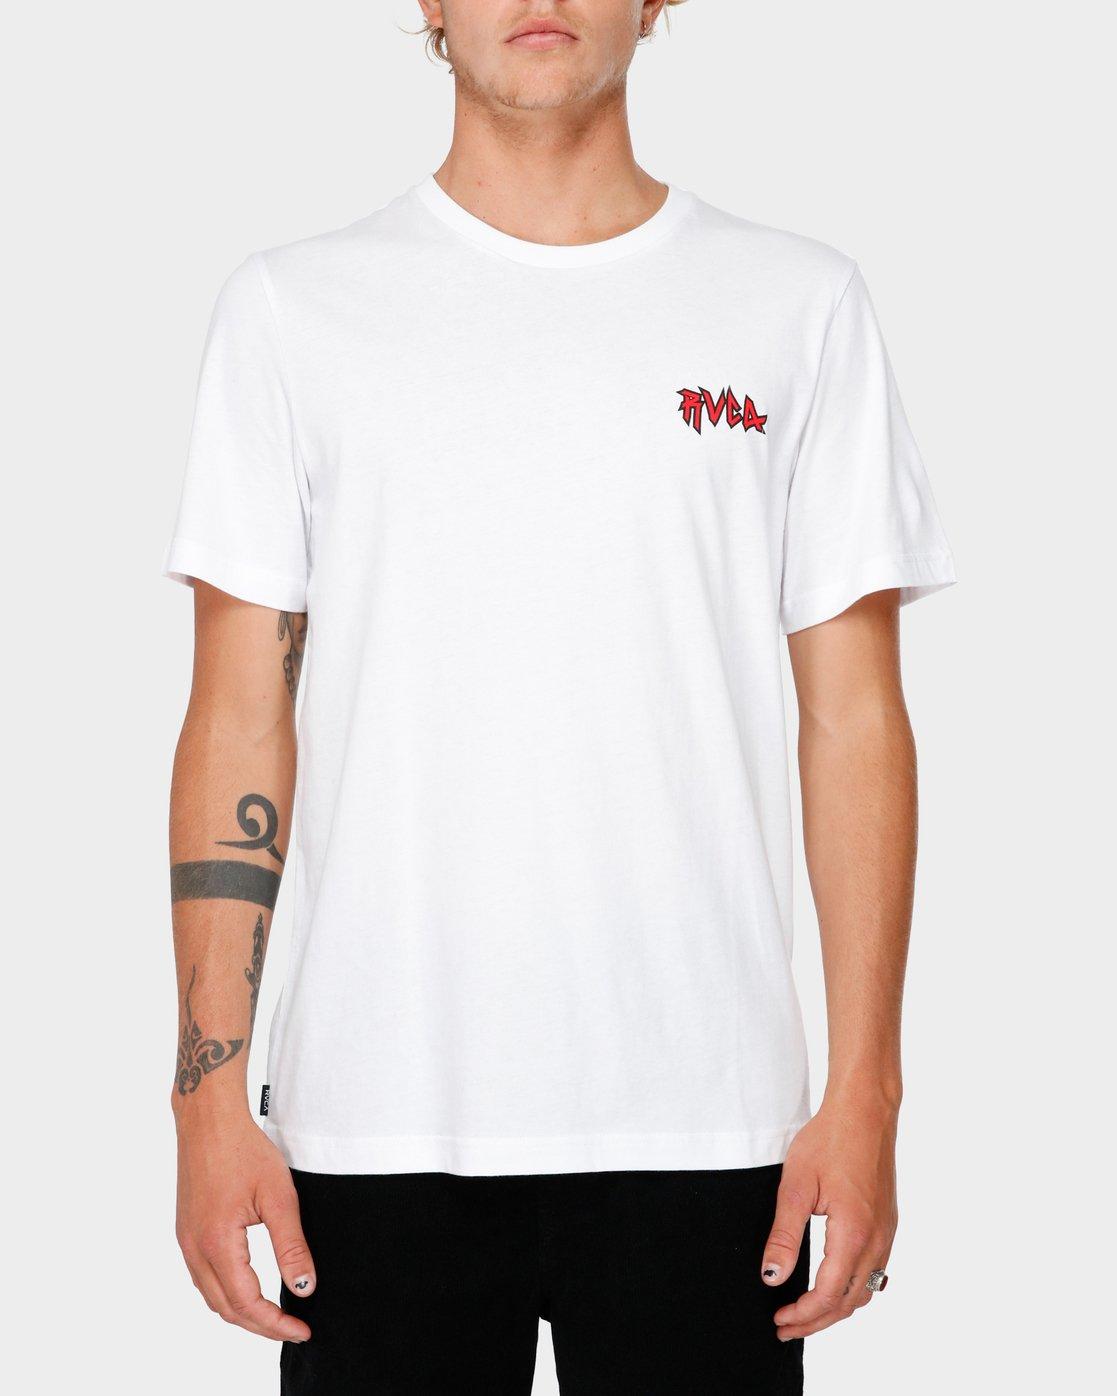 1 RVCA Creatures T-Shirt  R182069 RVCA